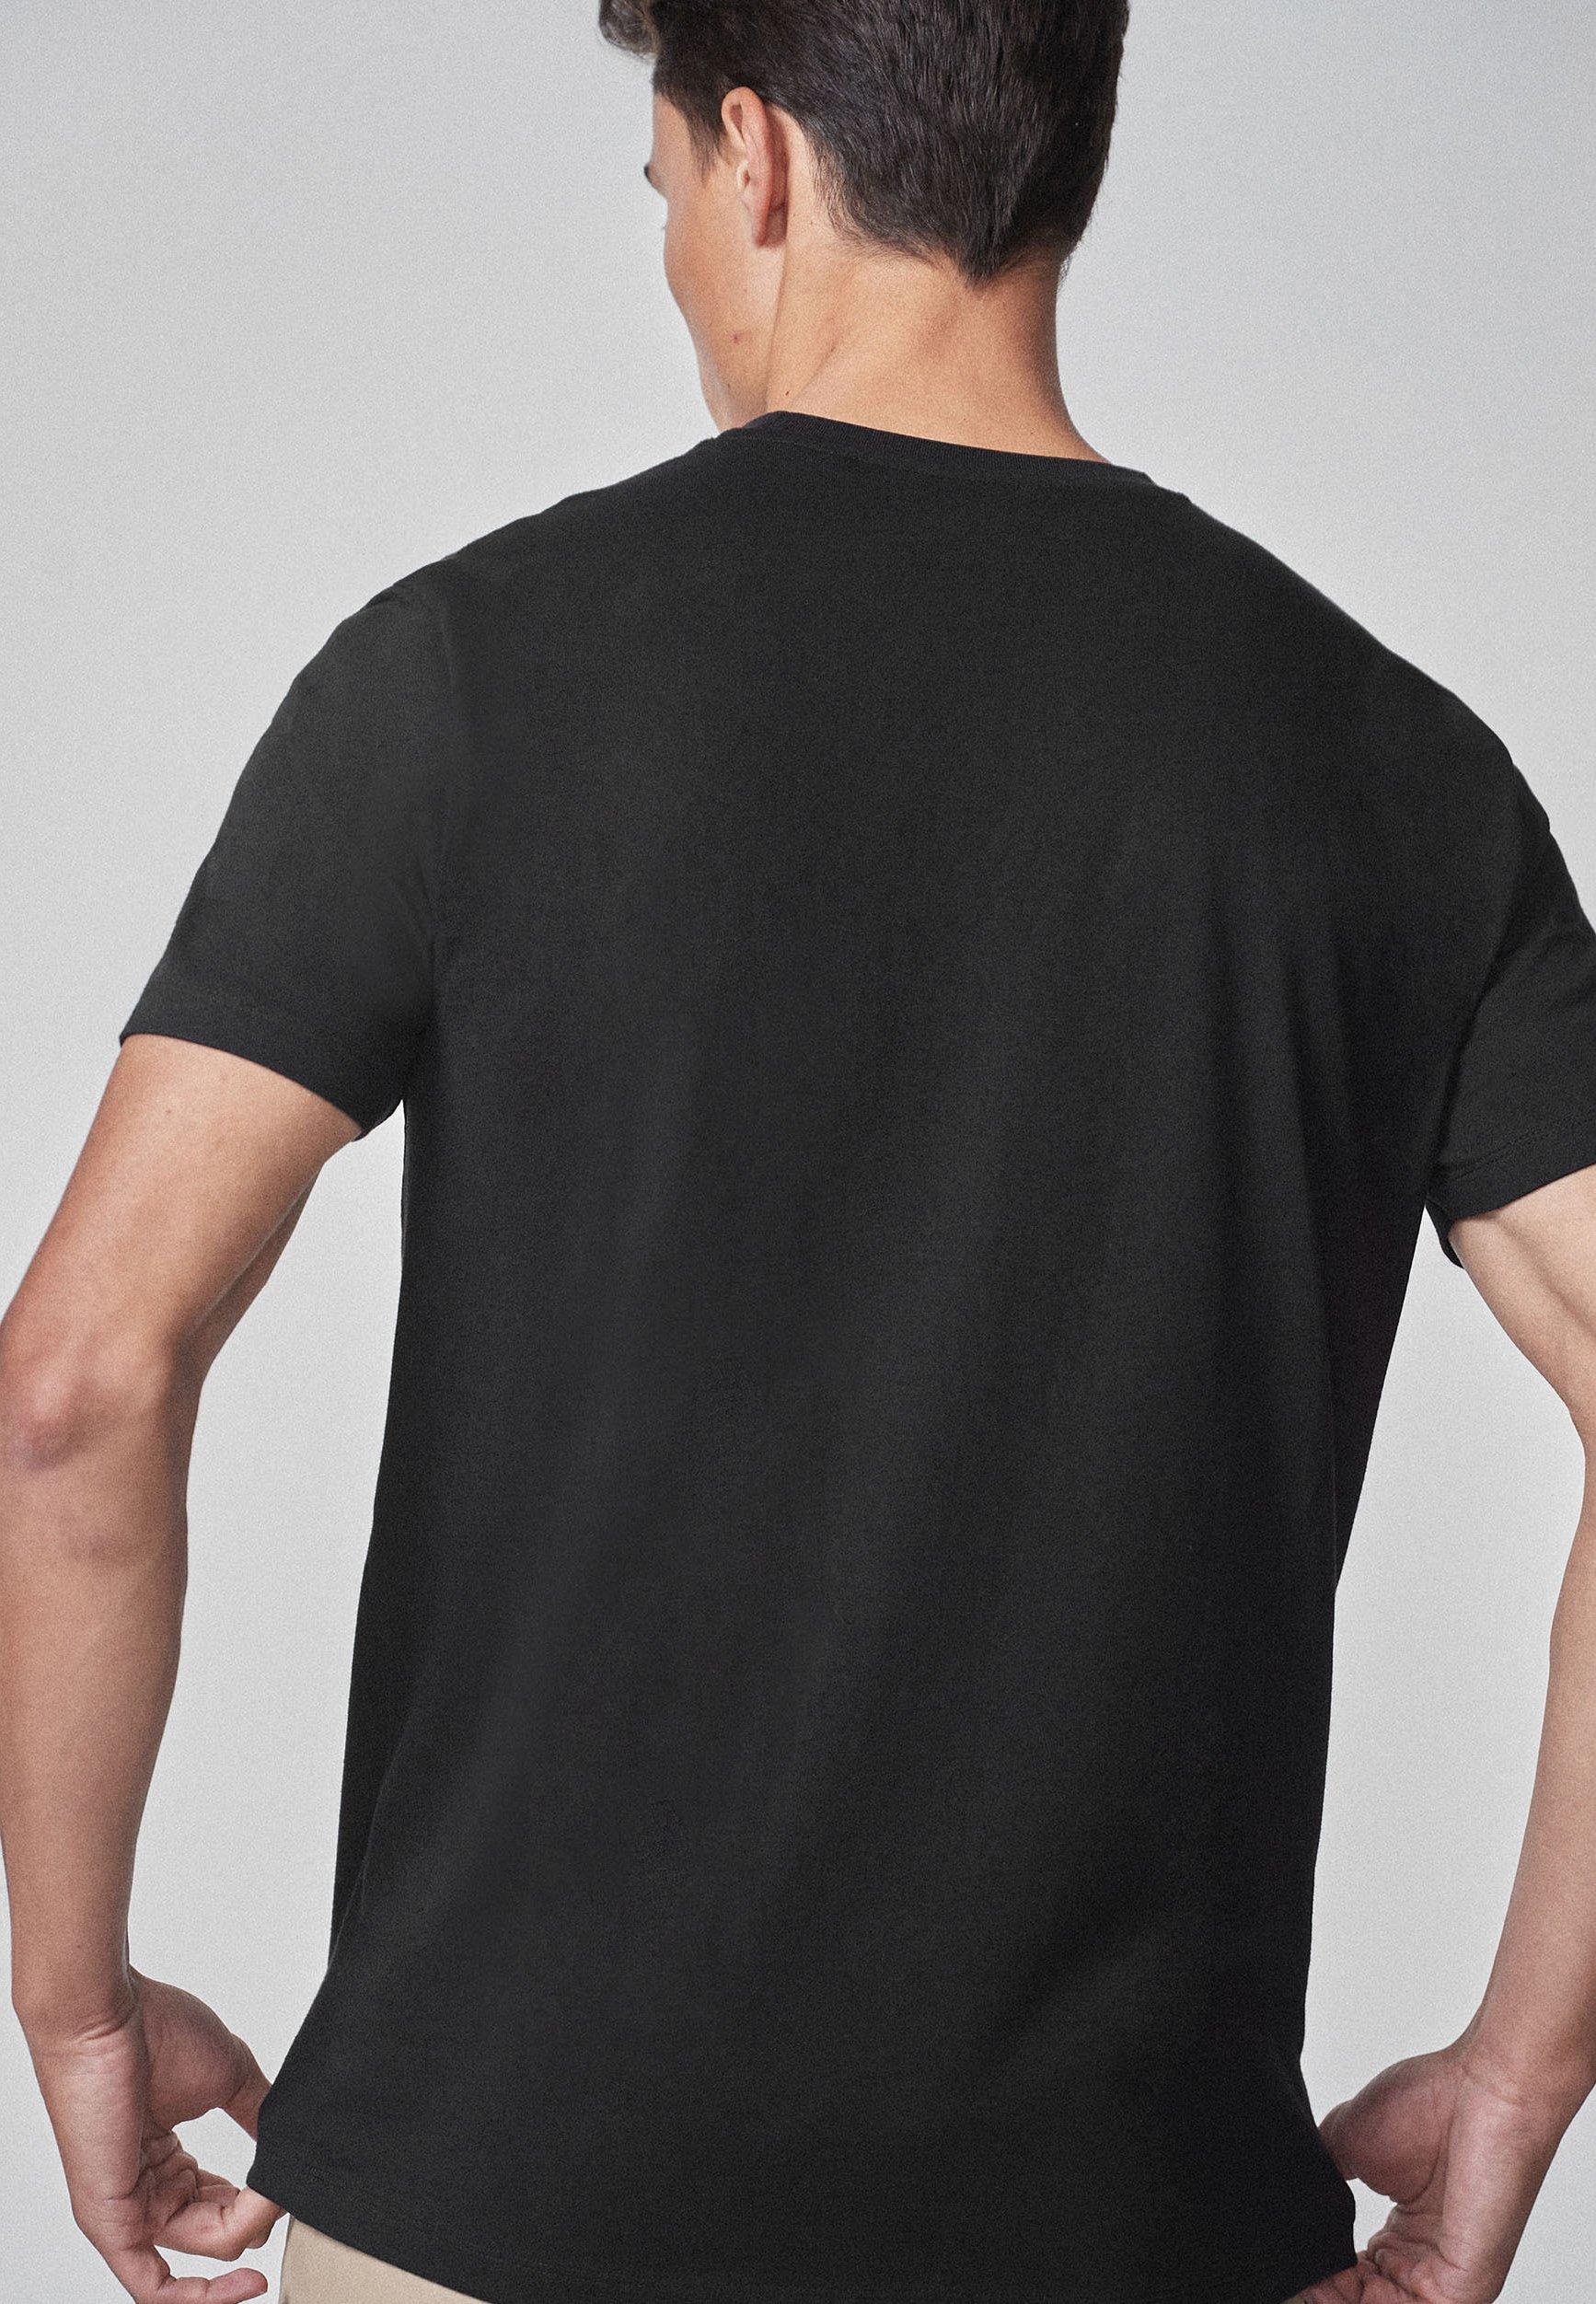 Next T-shirt Print - Black